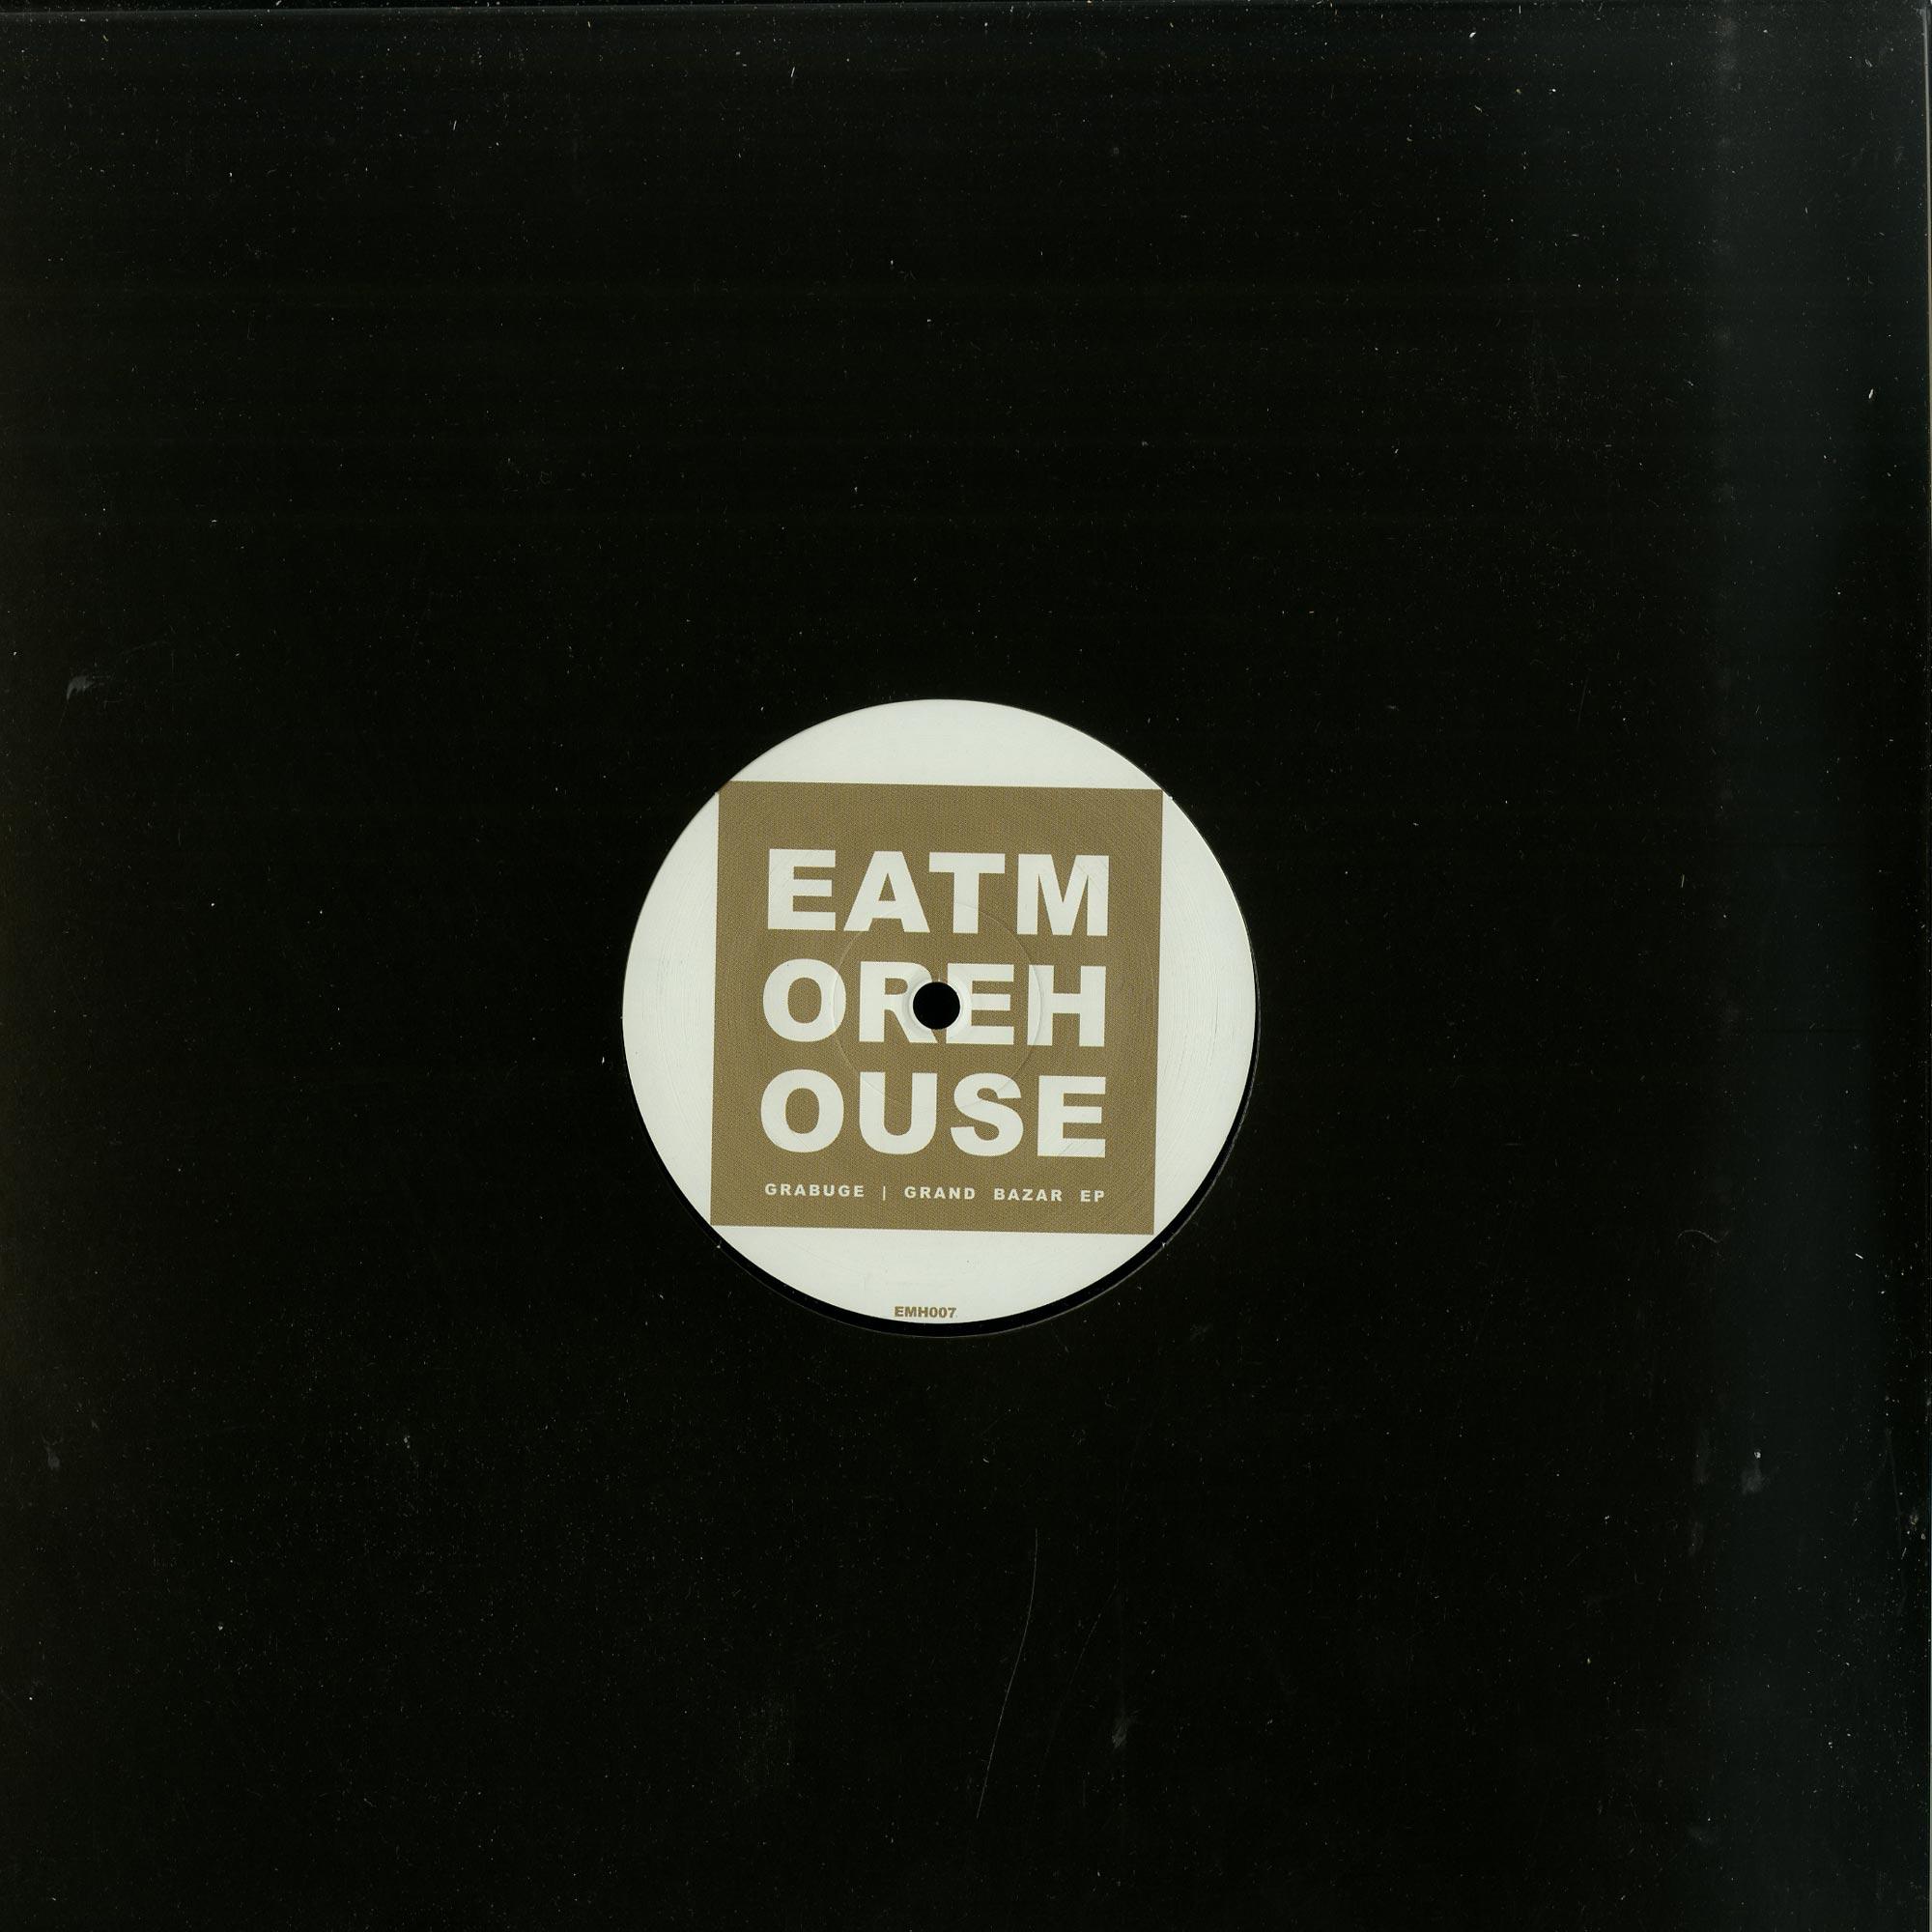 Grabuge  - GAND BAZAR EP